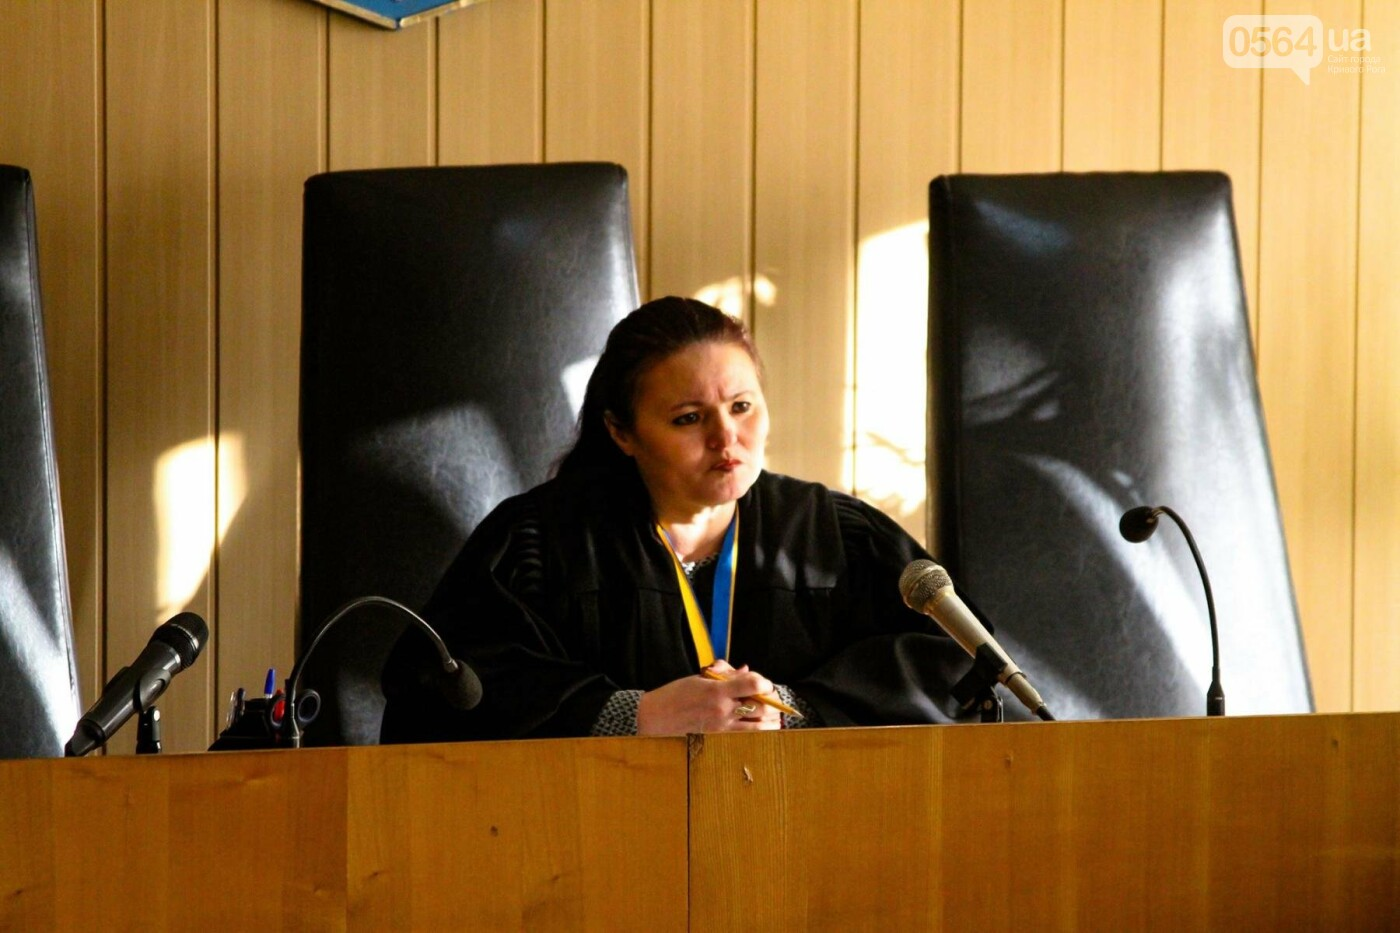 Дело о надругательстве над Флагом в Кривом Роге: Важного свидетеля доставят в суд принудительно (ОБНОВЛЕНО, ФОТО), фото-3